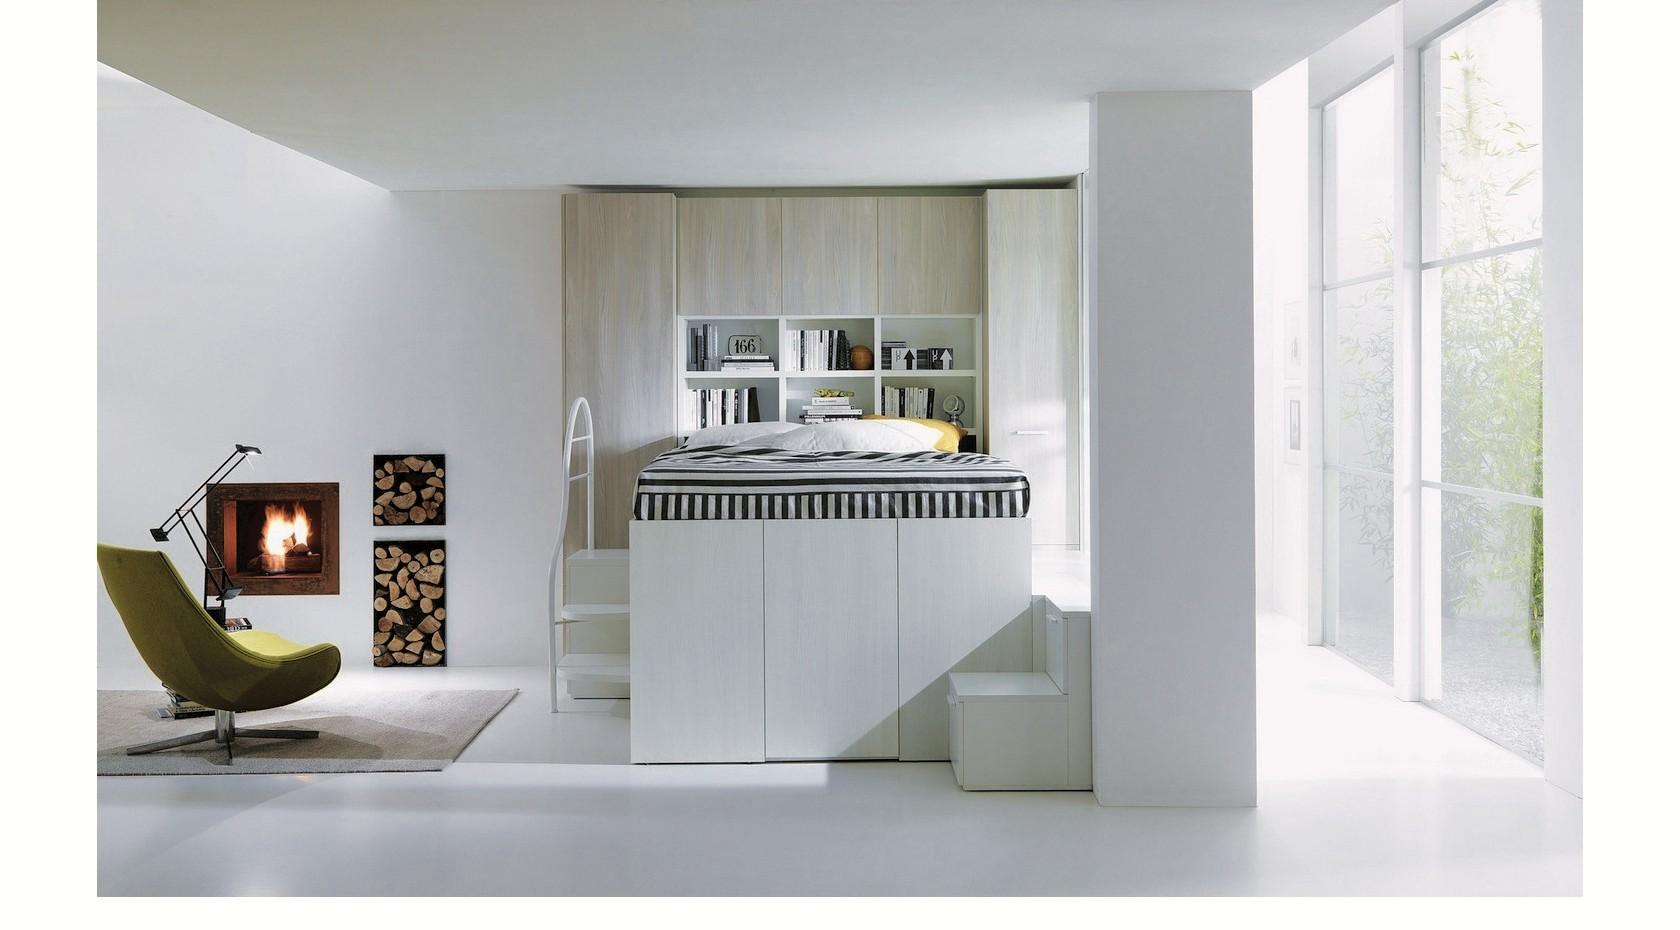 Pareti in cartongesso idea creativa della casa e dell - Muebles evelio burgos ...